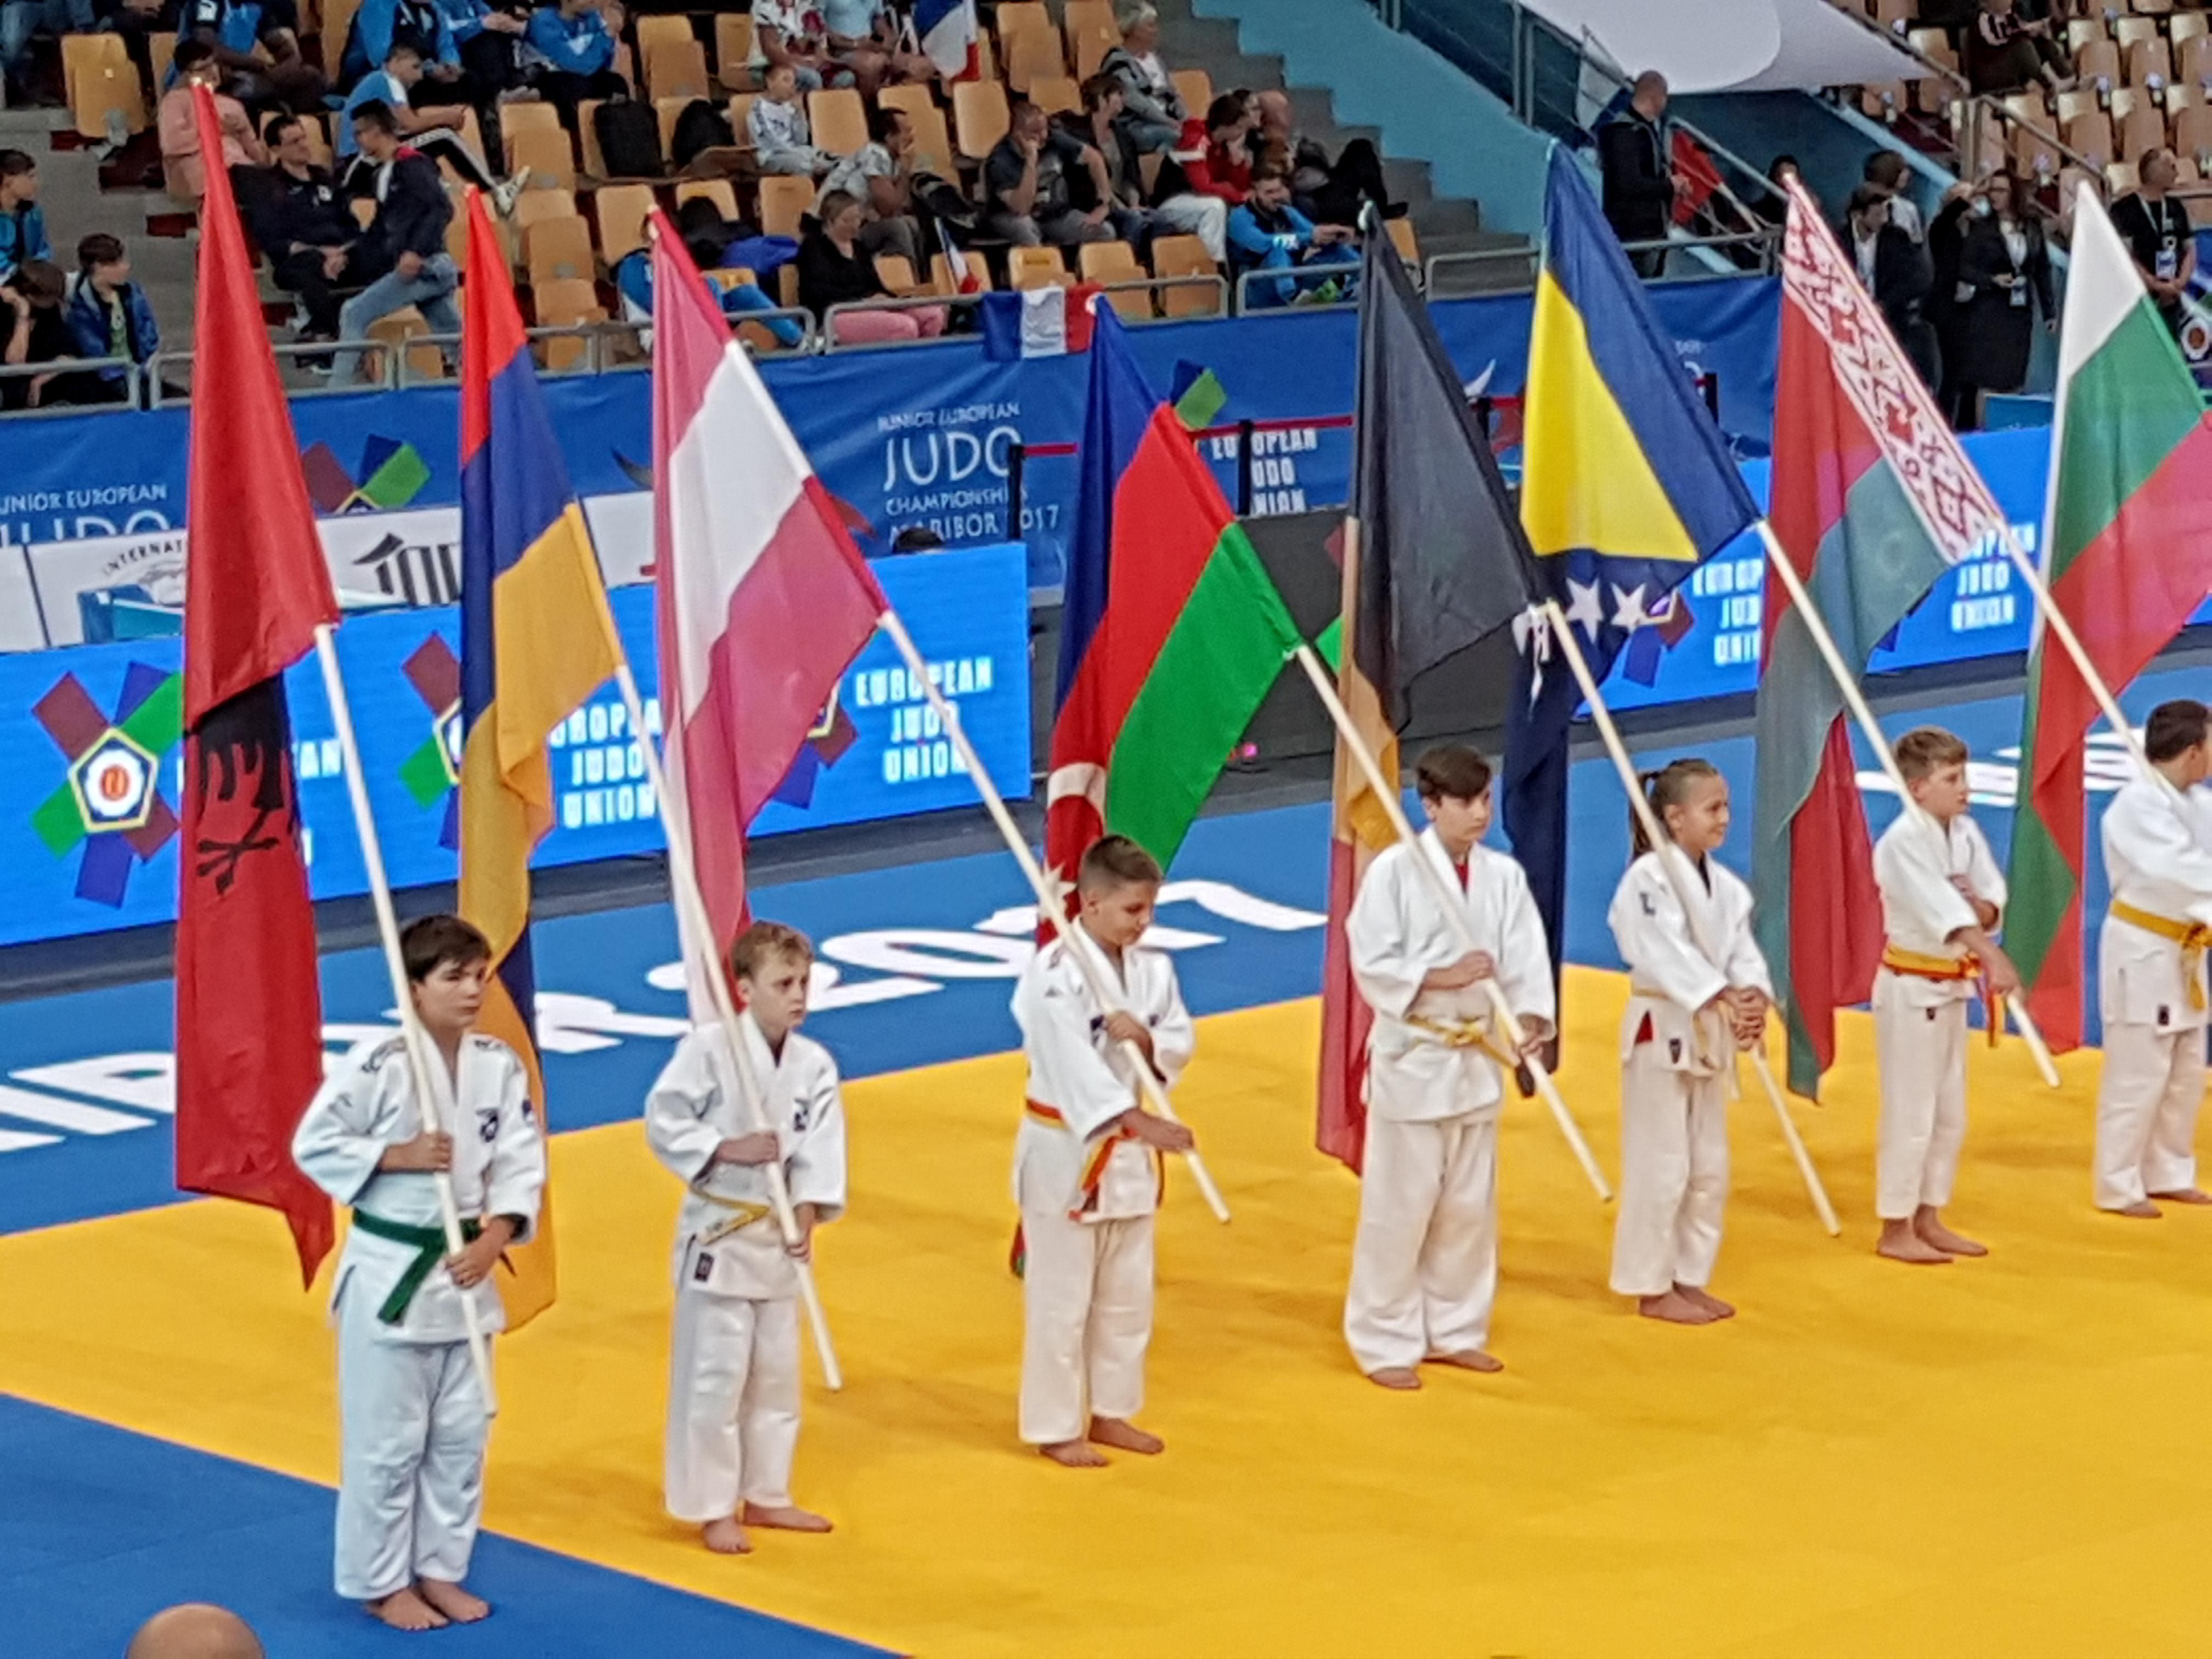 Evropsko mladinsko prvenstvo v judu